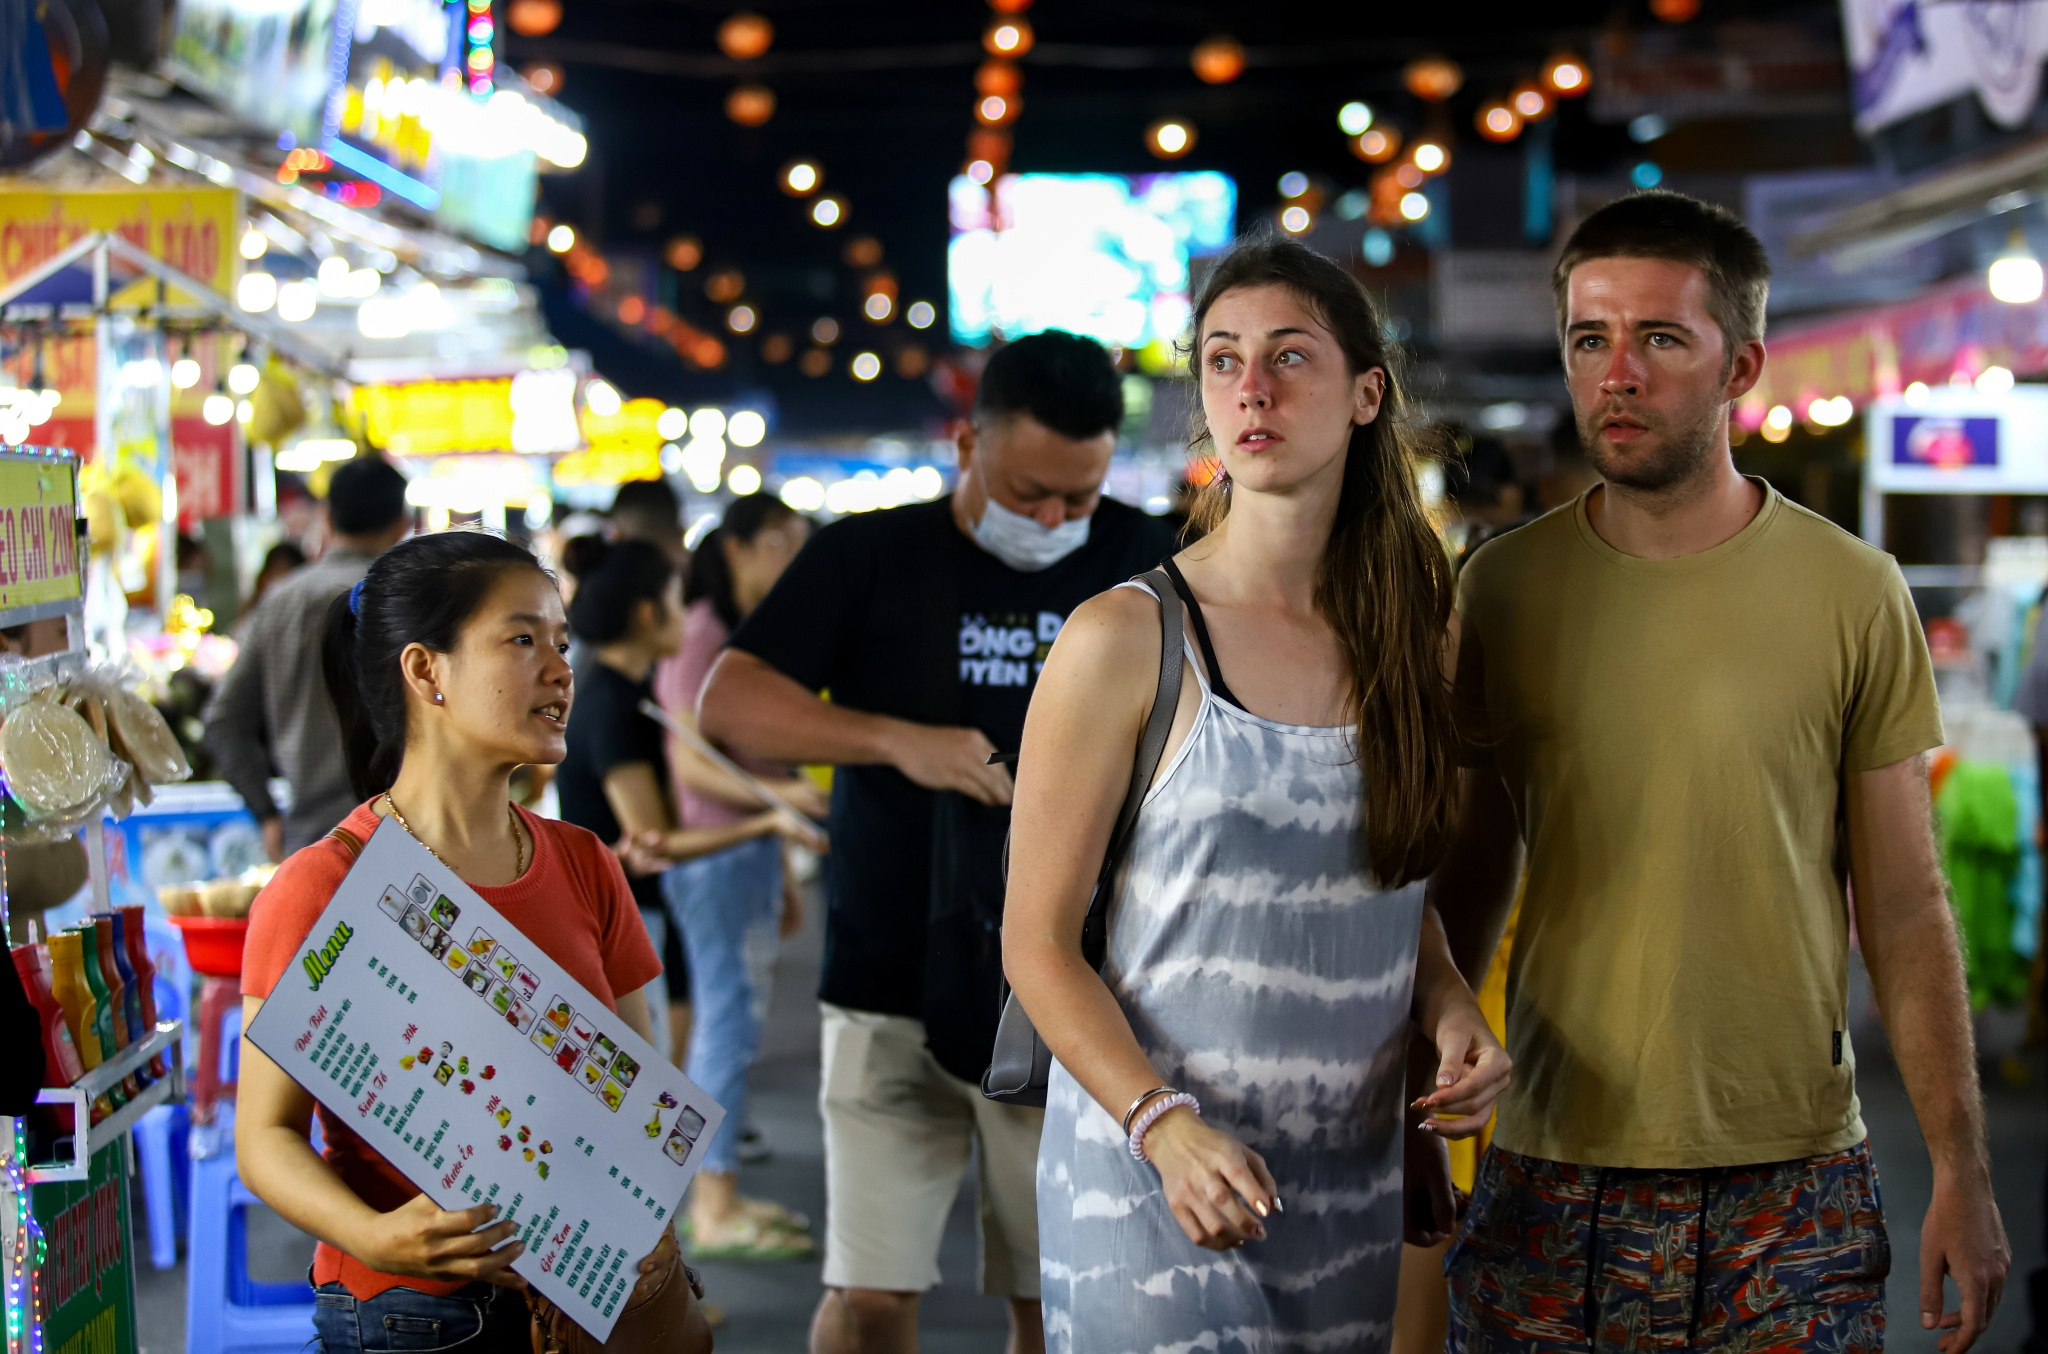 mo cua du lich phu quoc anh 7  - phuquoc_zing142-1 - Tổng cục Du lịch: Đã tính việc xử lý sự cố khi đón khách đến Phú Quốc